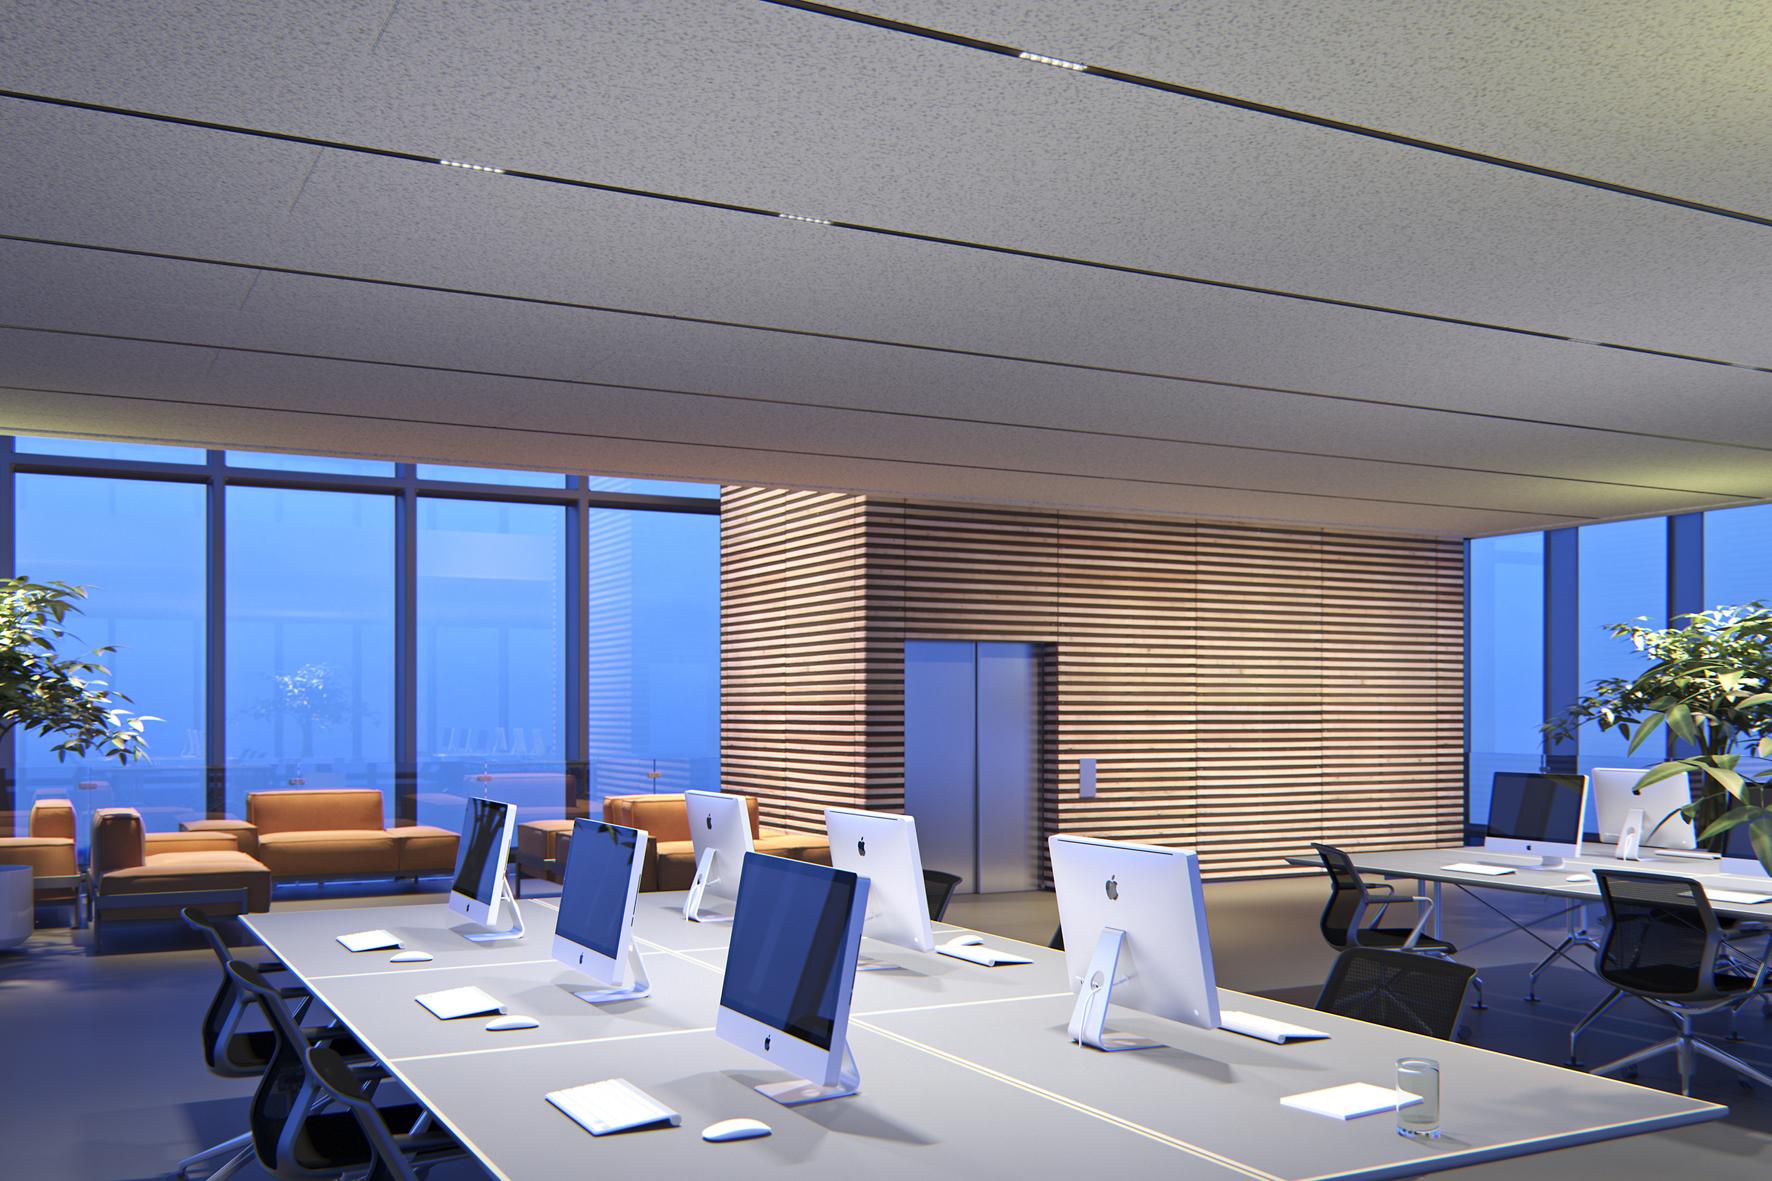 erco-lighting-bv - Verlichting.nl